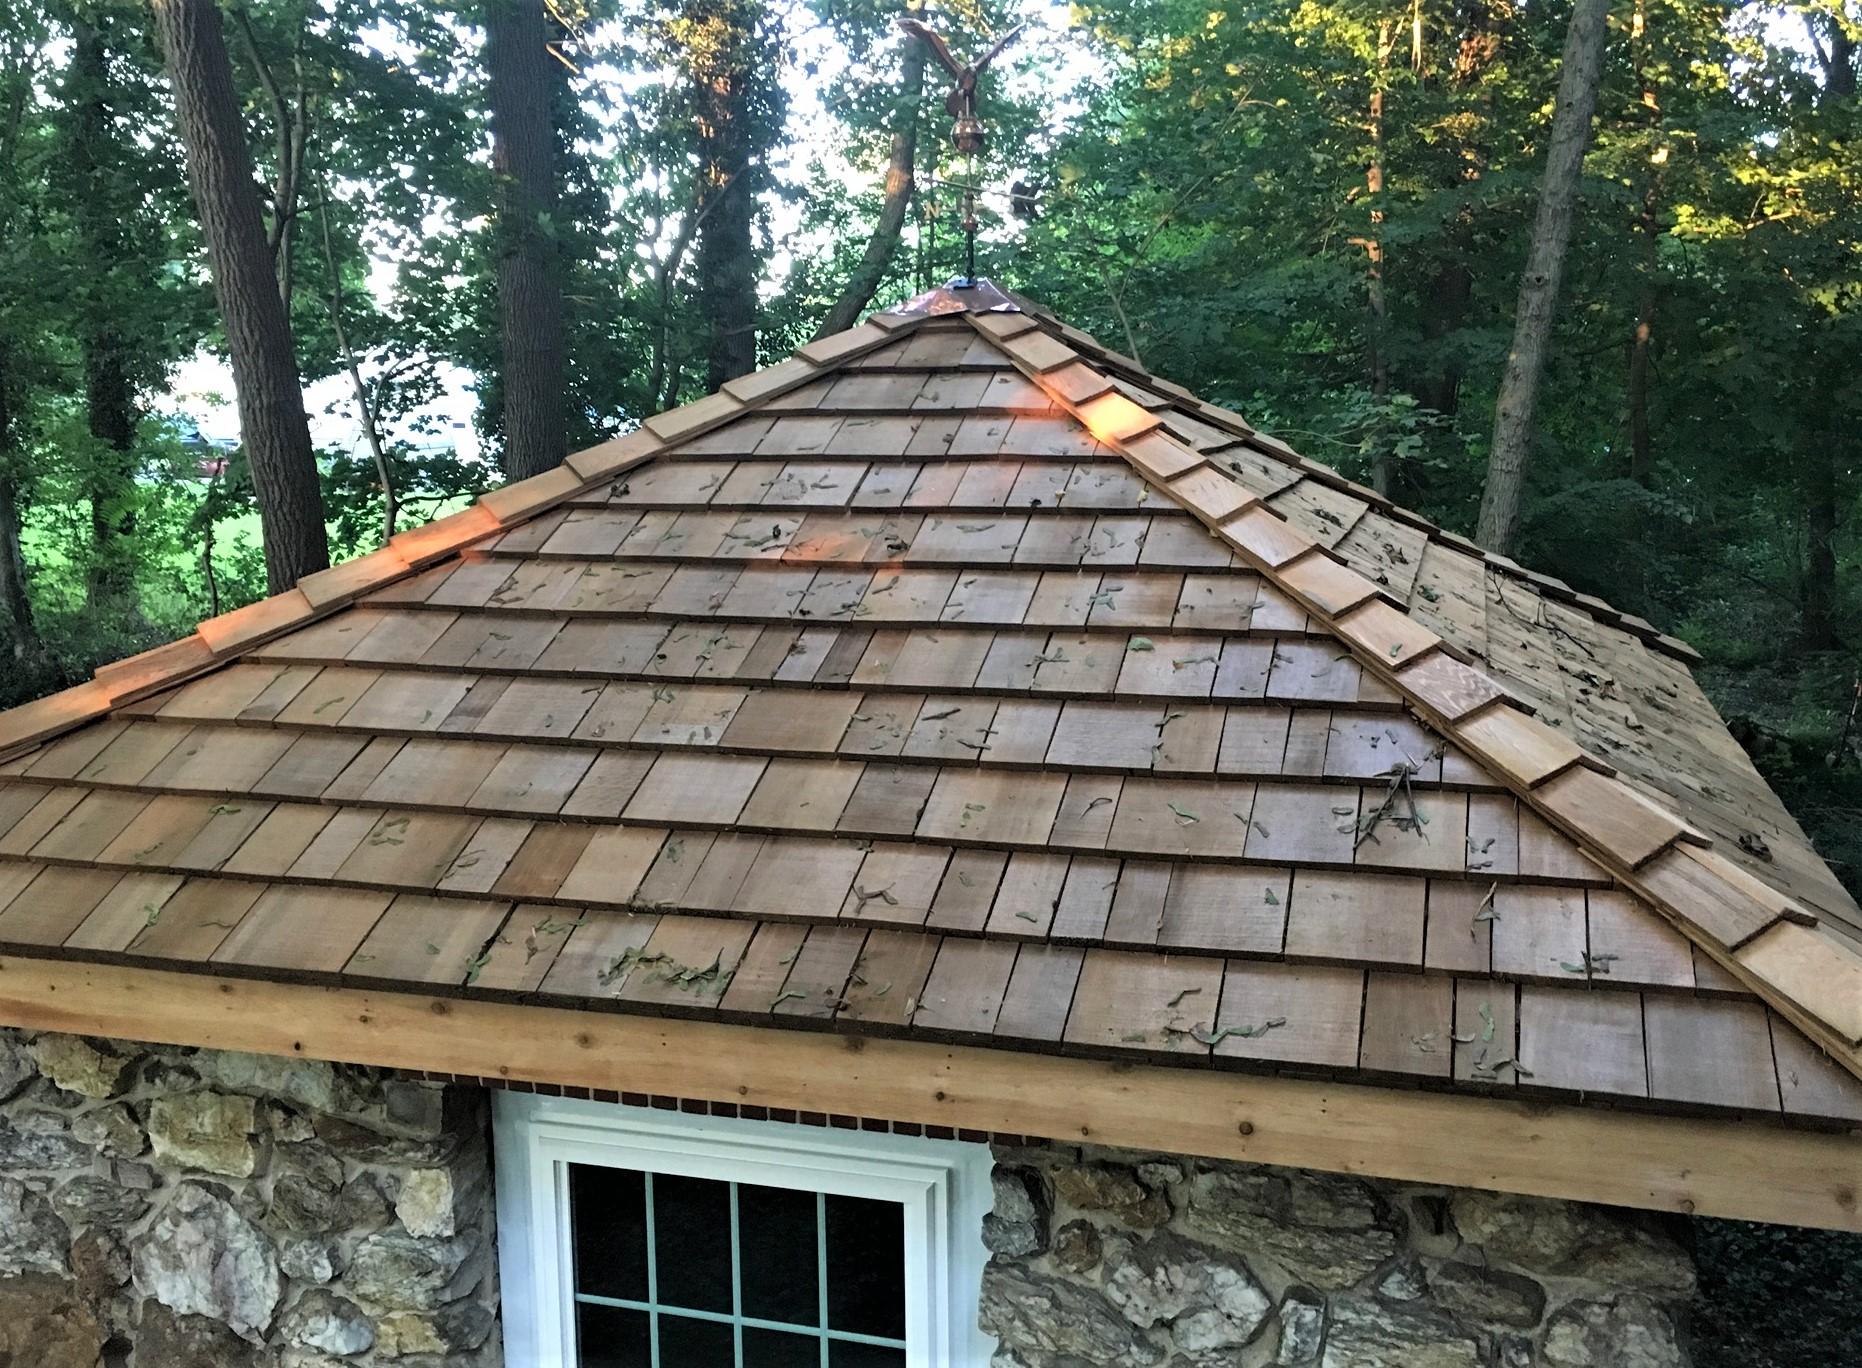 A roof made of cedar shingles